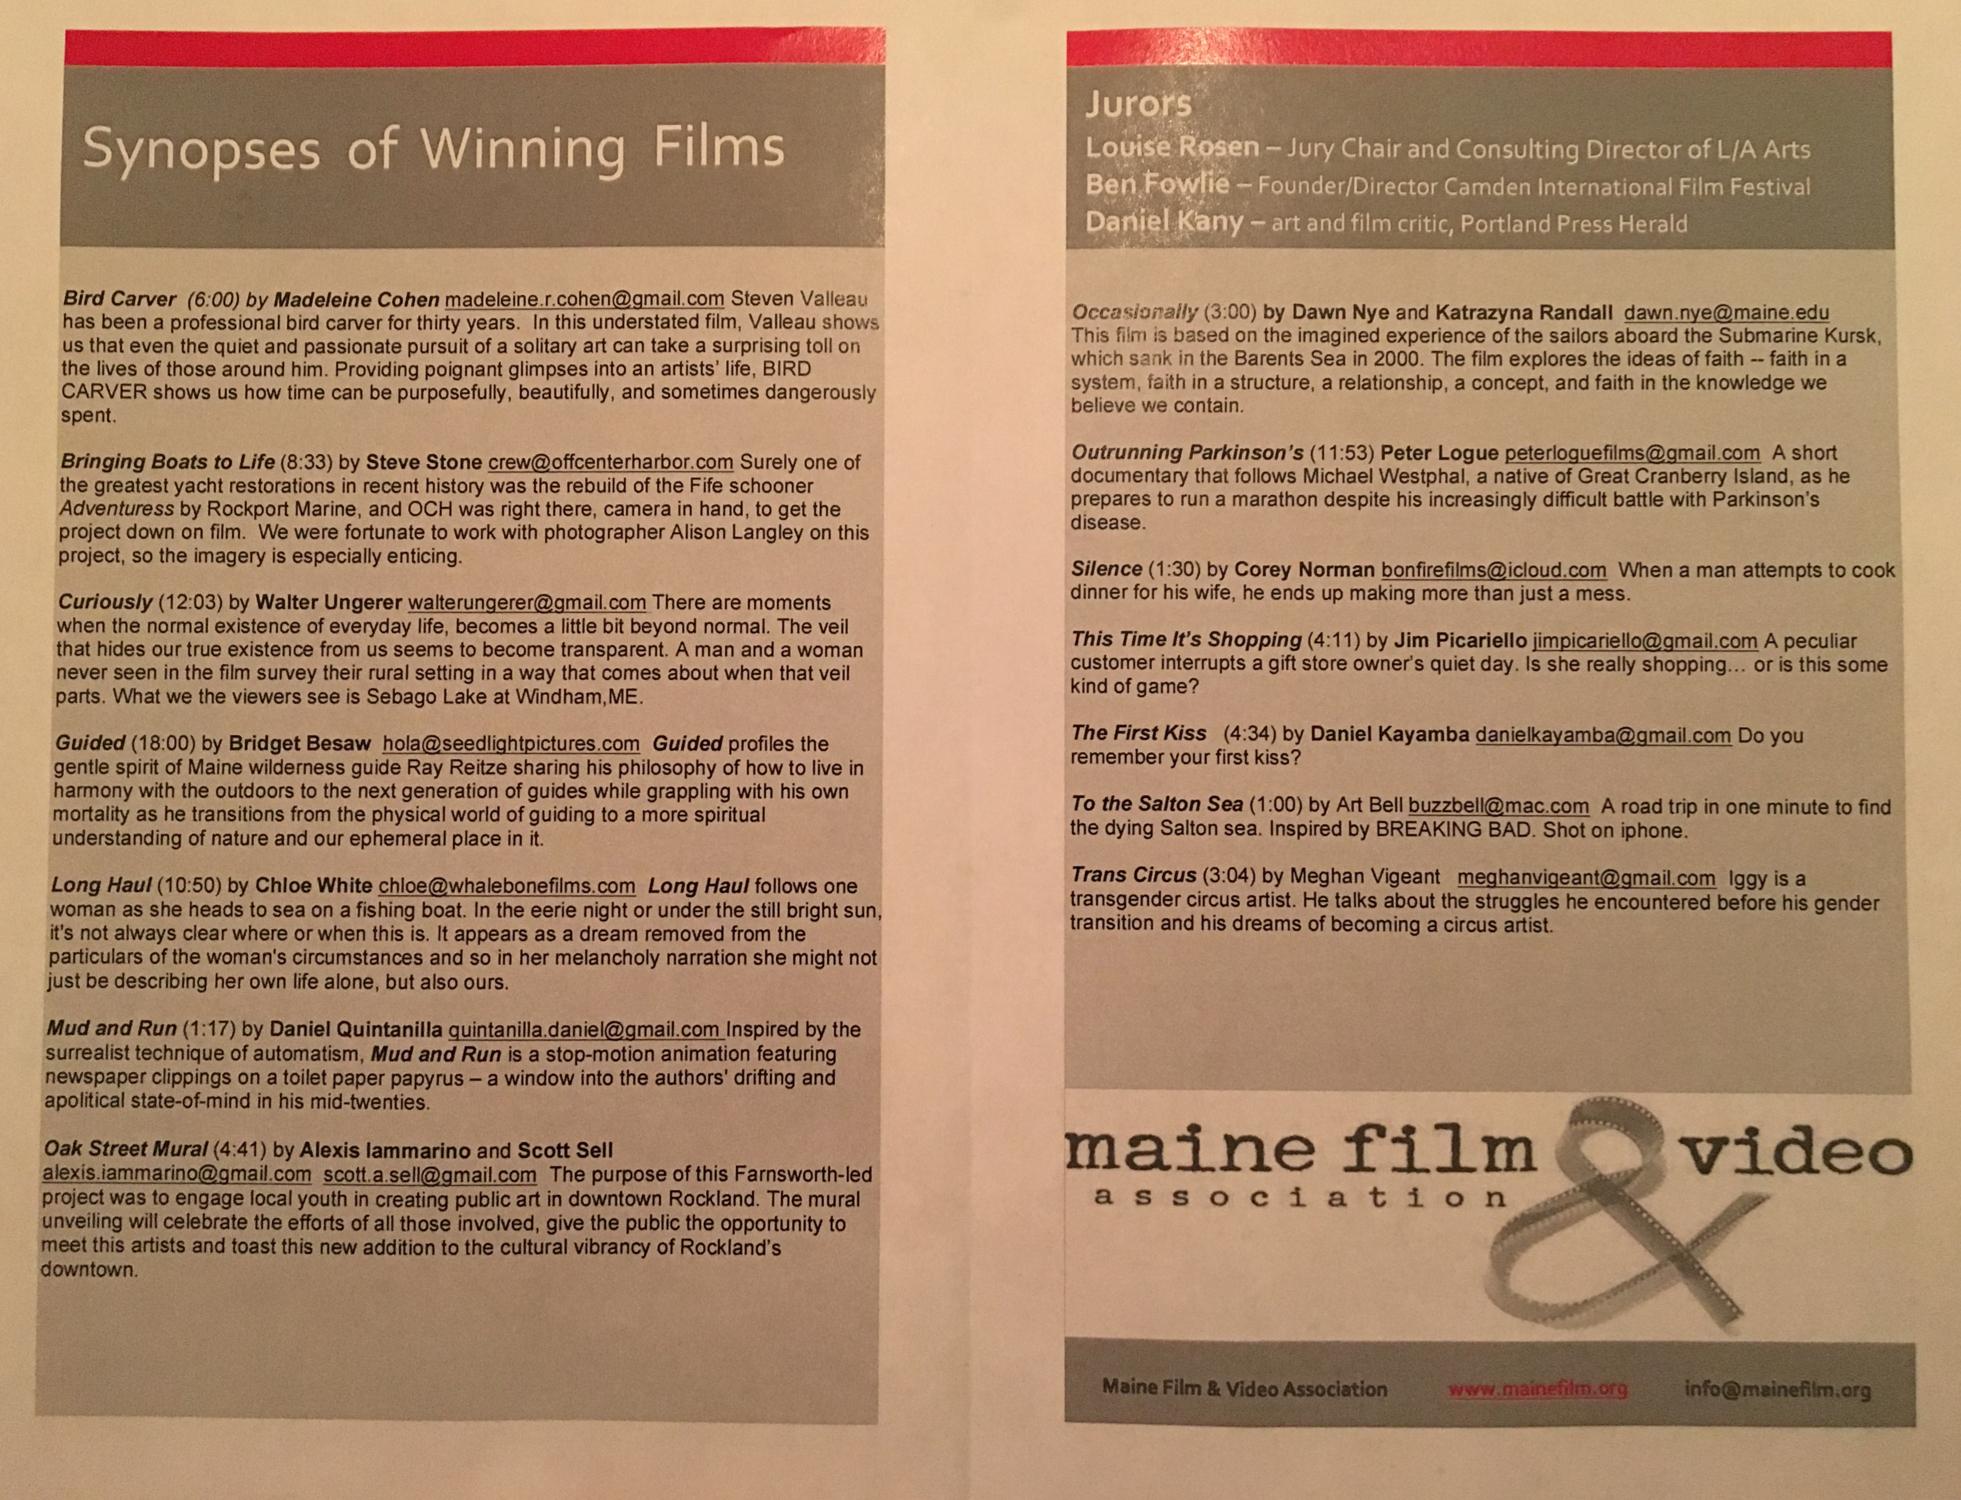 maine-short-film-festival-program.jpg